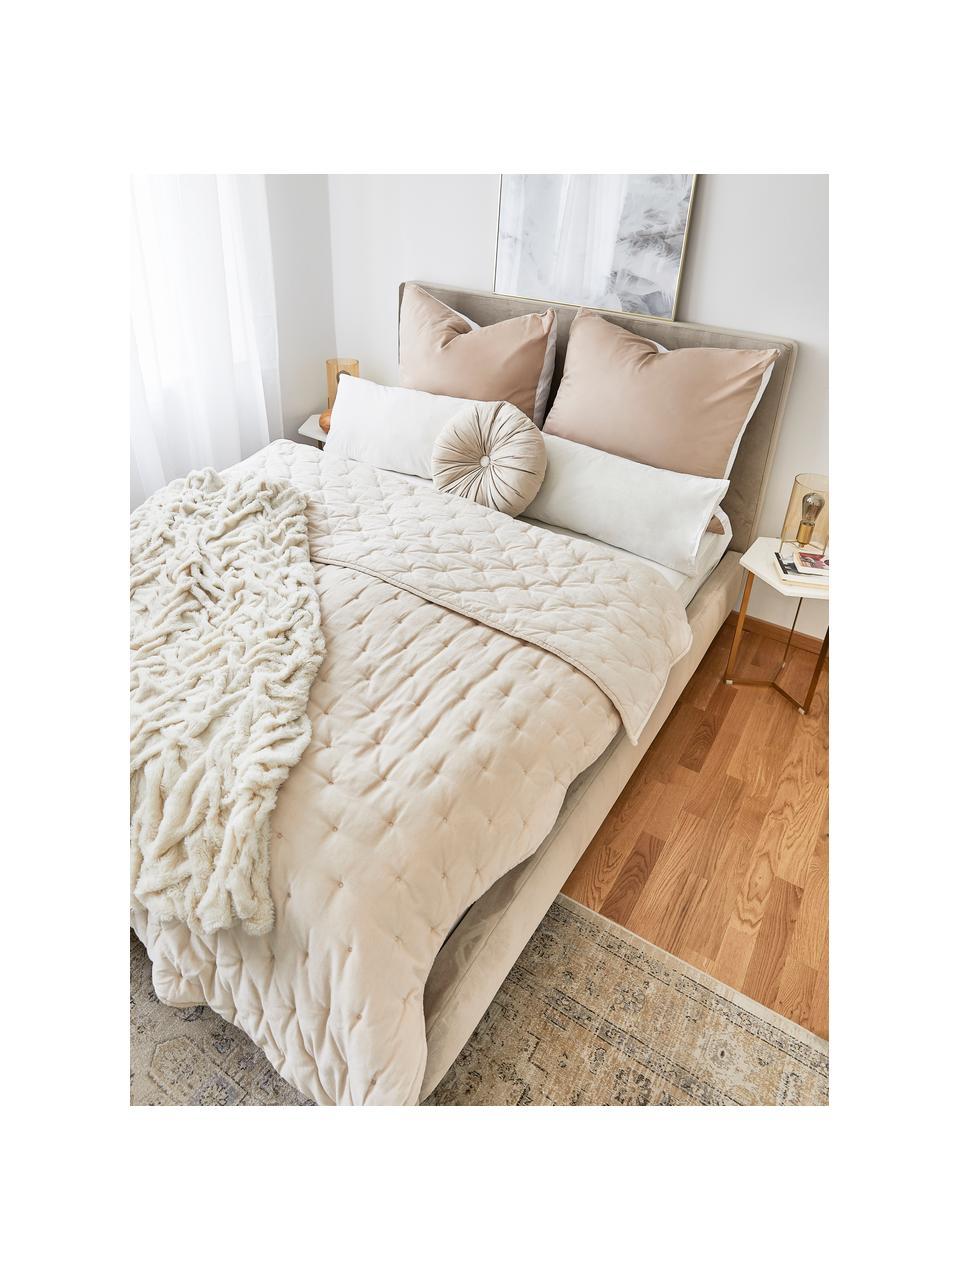 Couvre-lit ouaté en velours avec matelassage décoratif Cheryl, Champagne